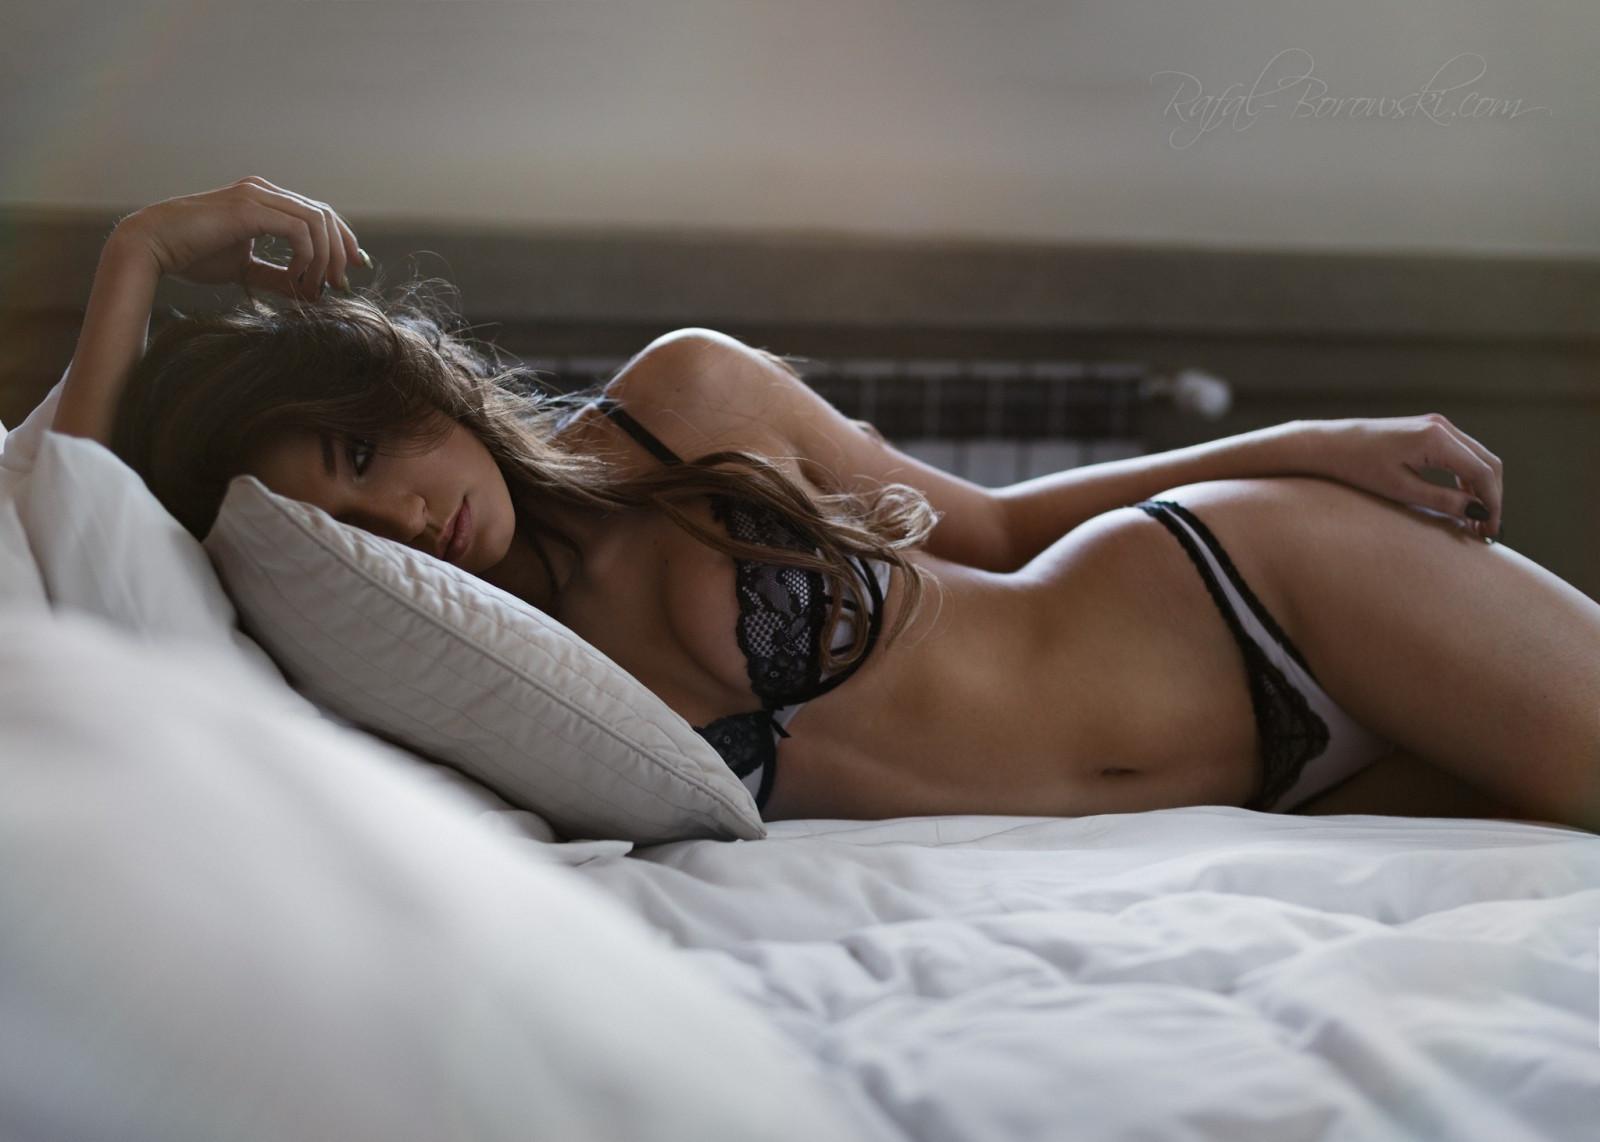 нужно сомневаться, женщины в постели красивые видео просчиталась… летом пошли